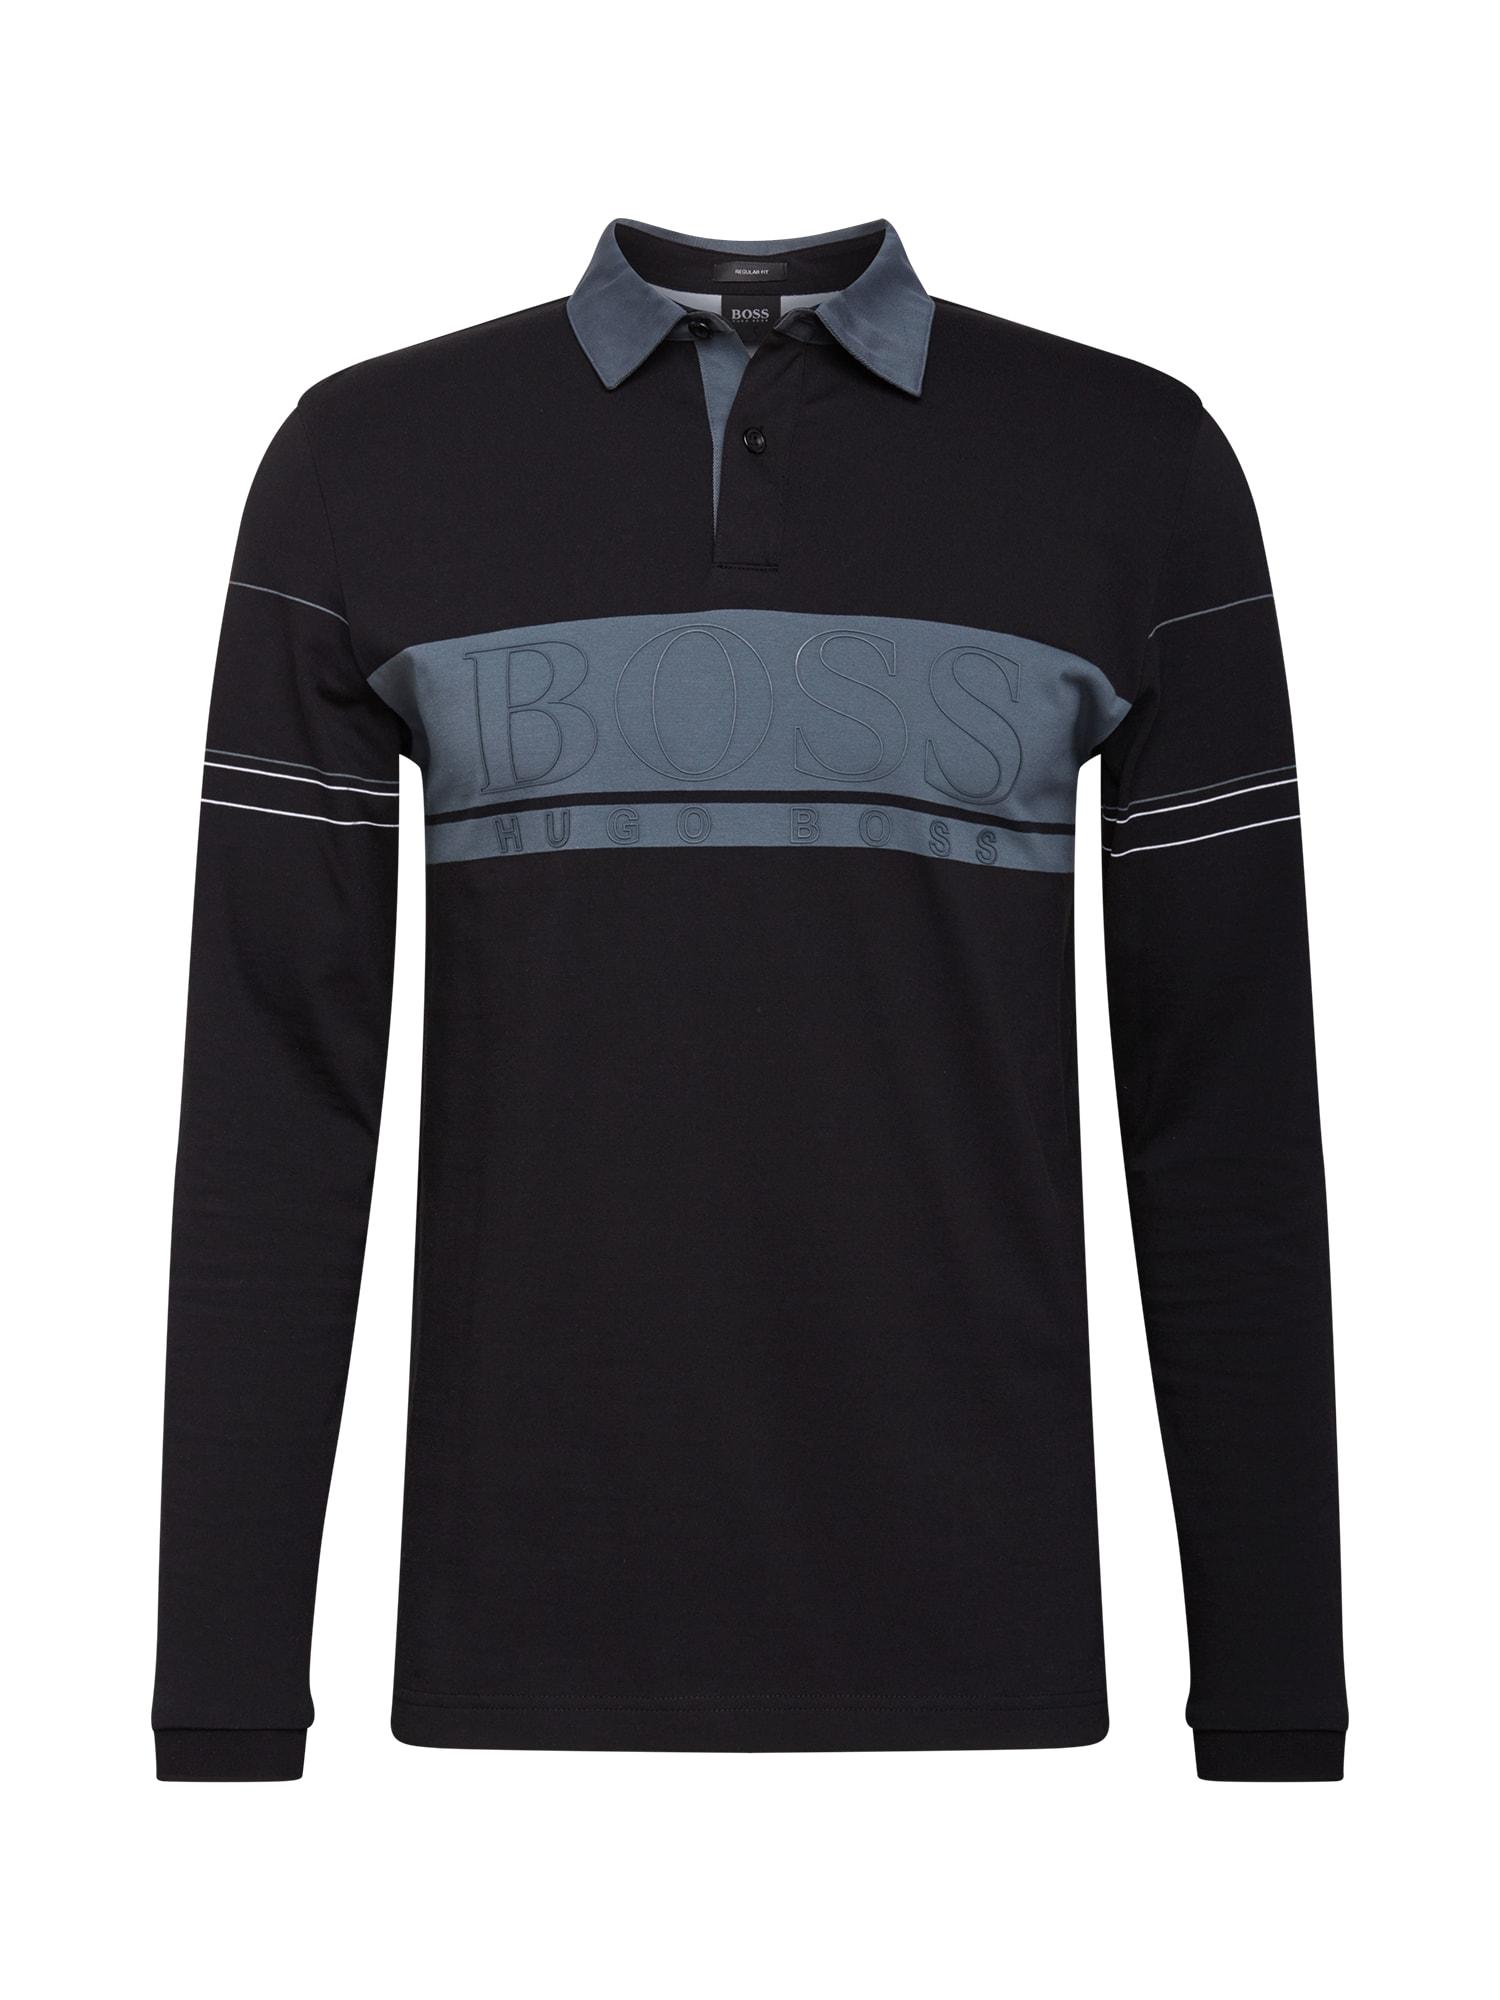 BOSS ATHLEISURE Marškinėliai juoda / mėlyna dūmų spalva